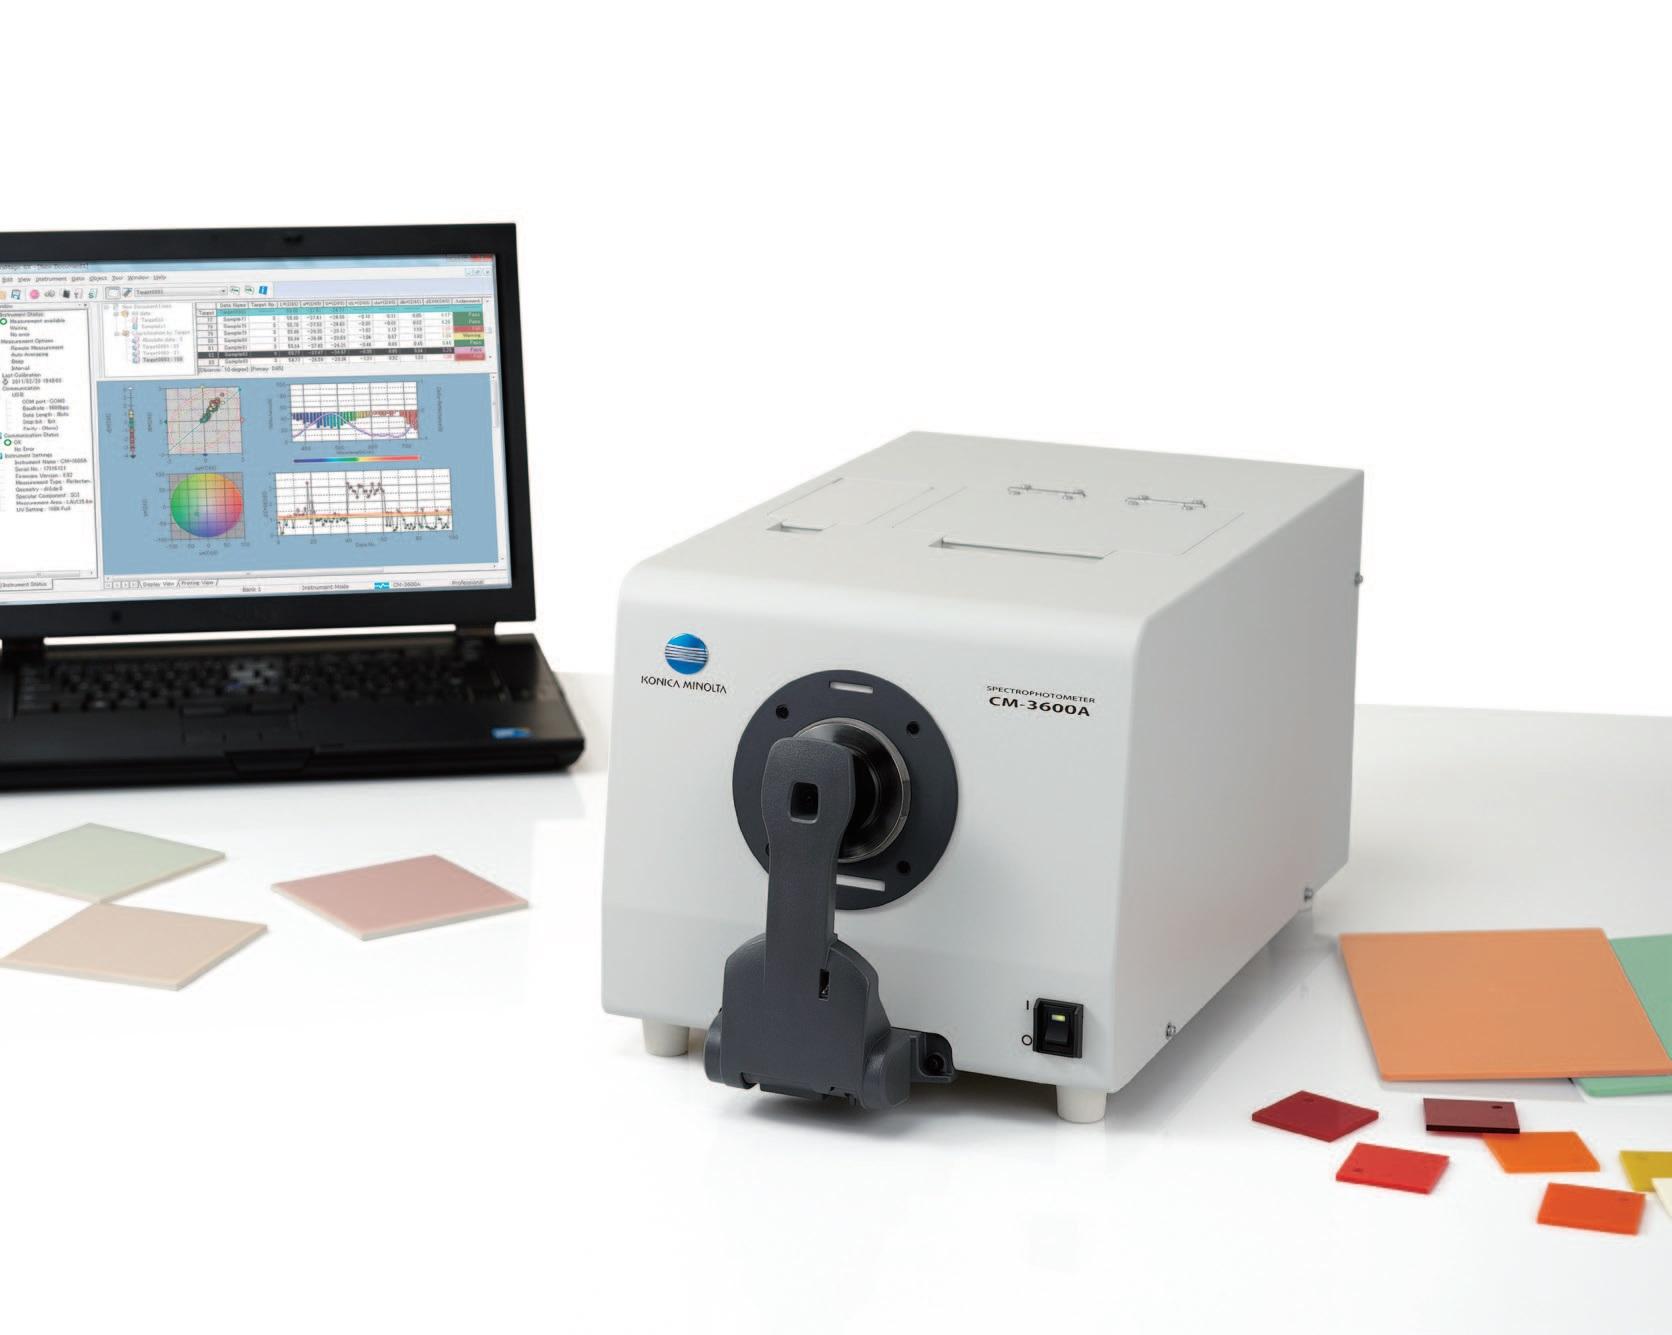 美能達CM-5測色儀-想買劃算的柯尼卡美能達臺式精密測色儀,就來艾比錫科技